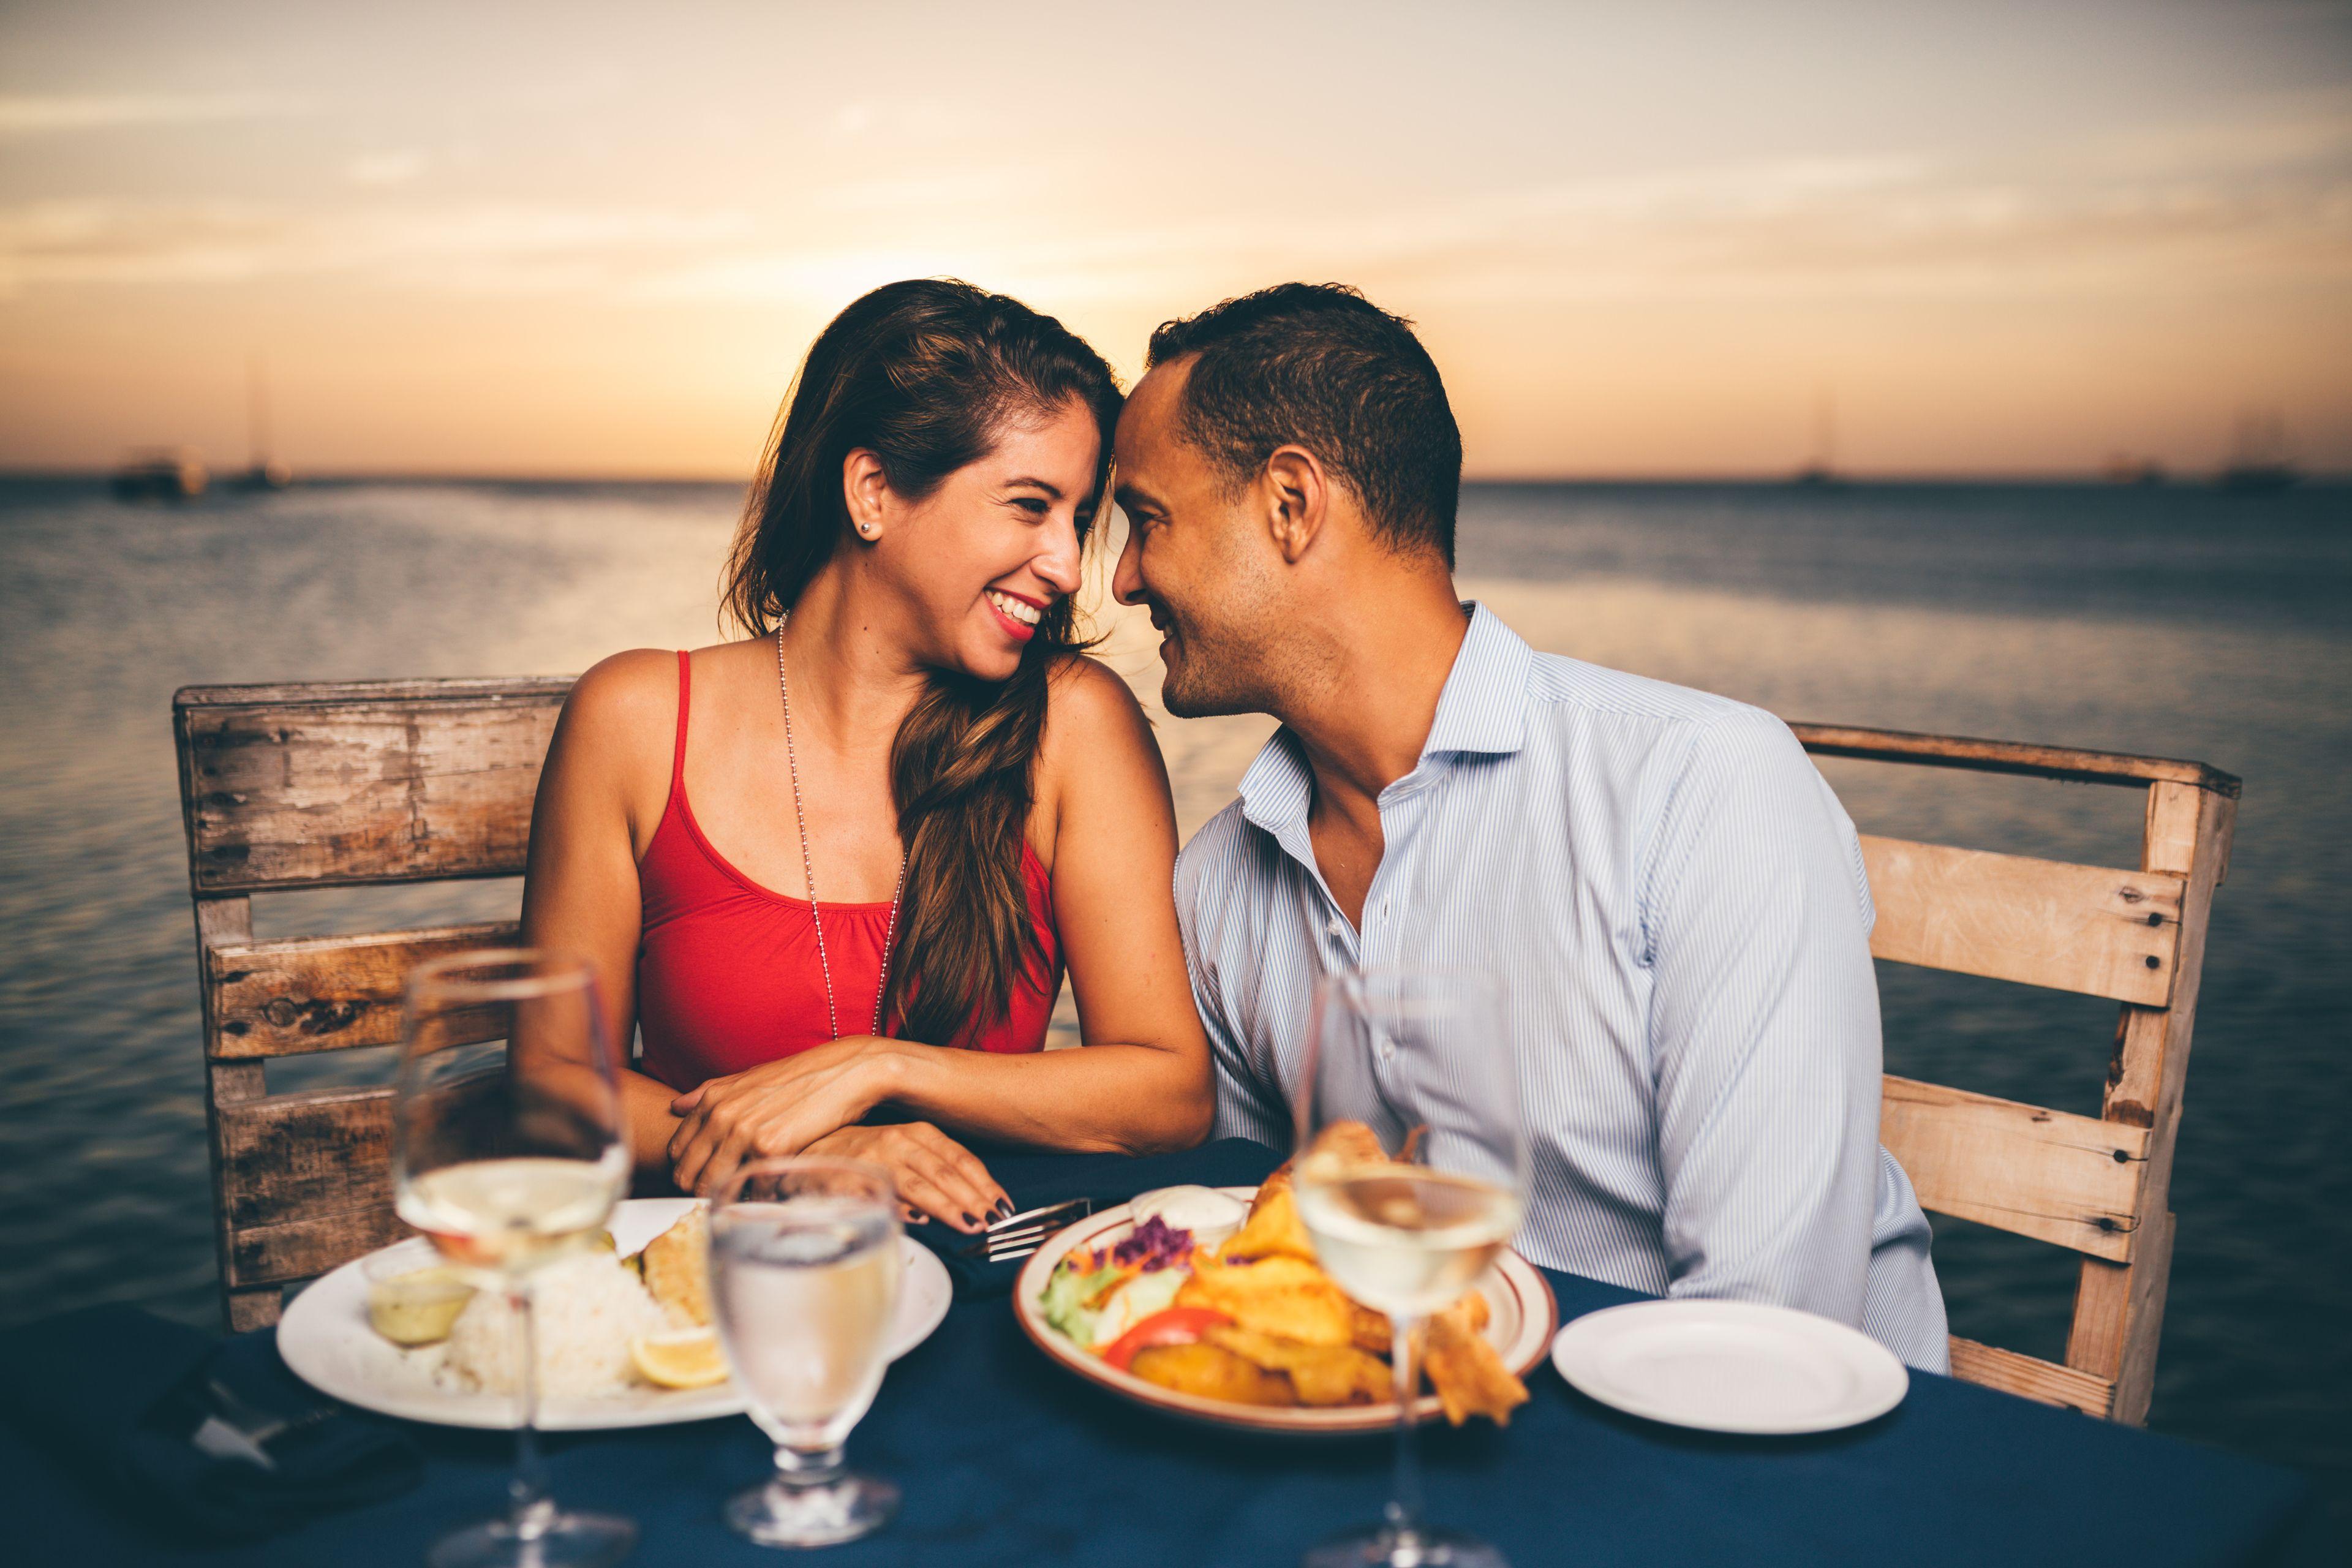 Sunset Cruise & Seaside Dinner